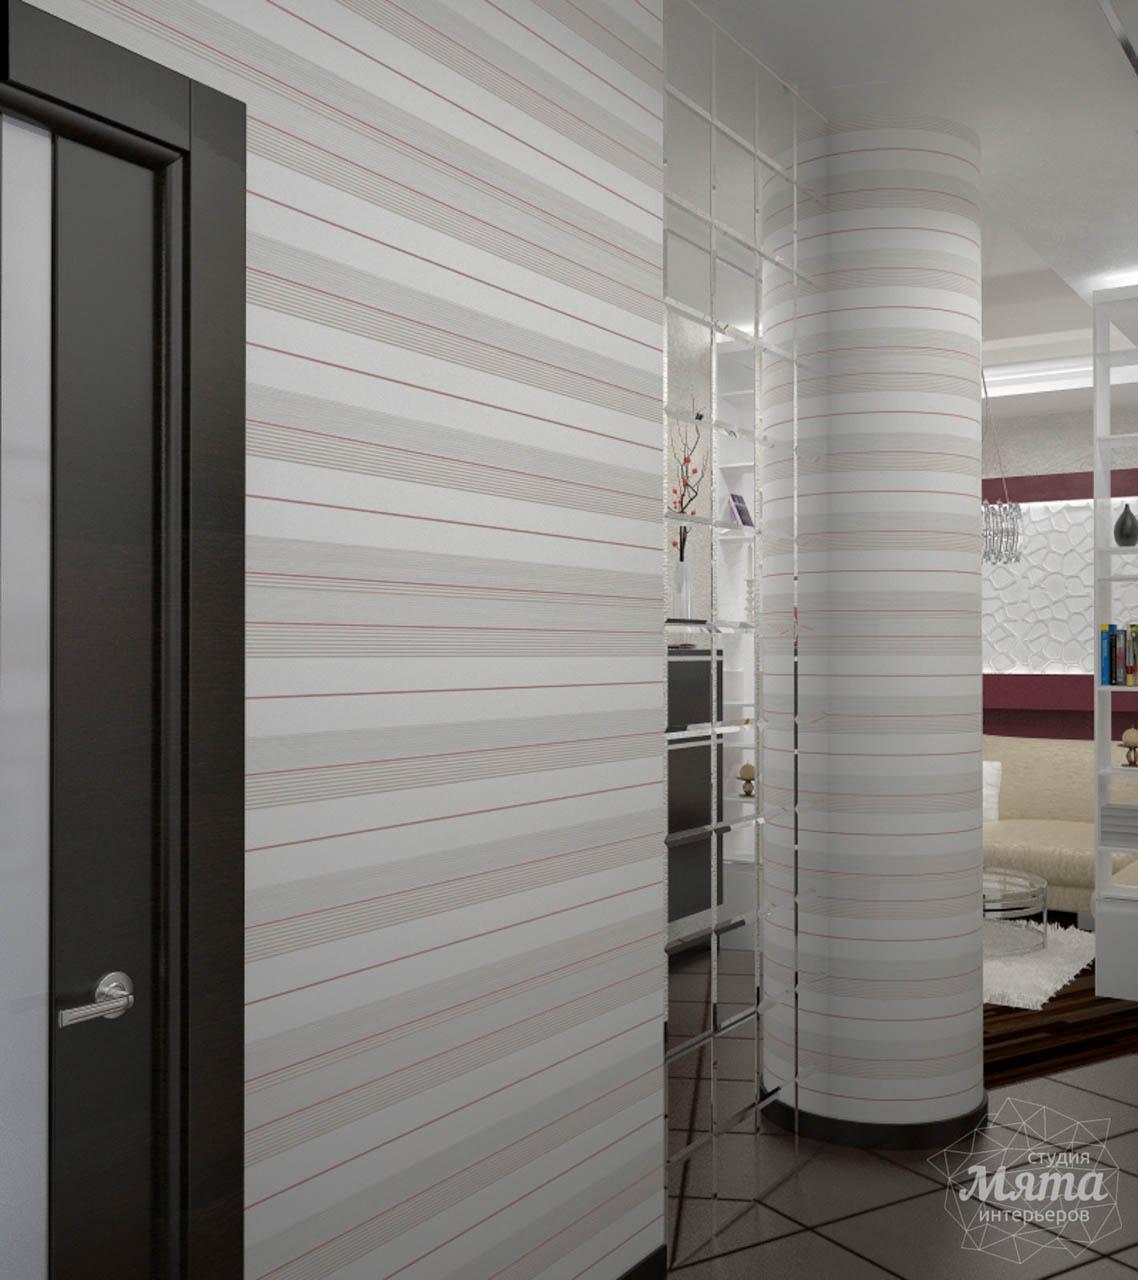 Дизайн интерьера и ремонт трехкомнатной квартиры по ул. Попова 33а img1008189303